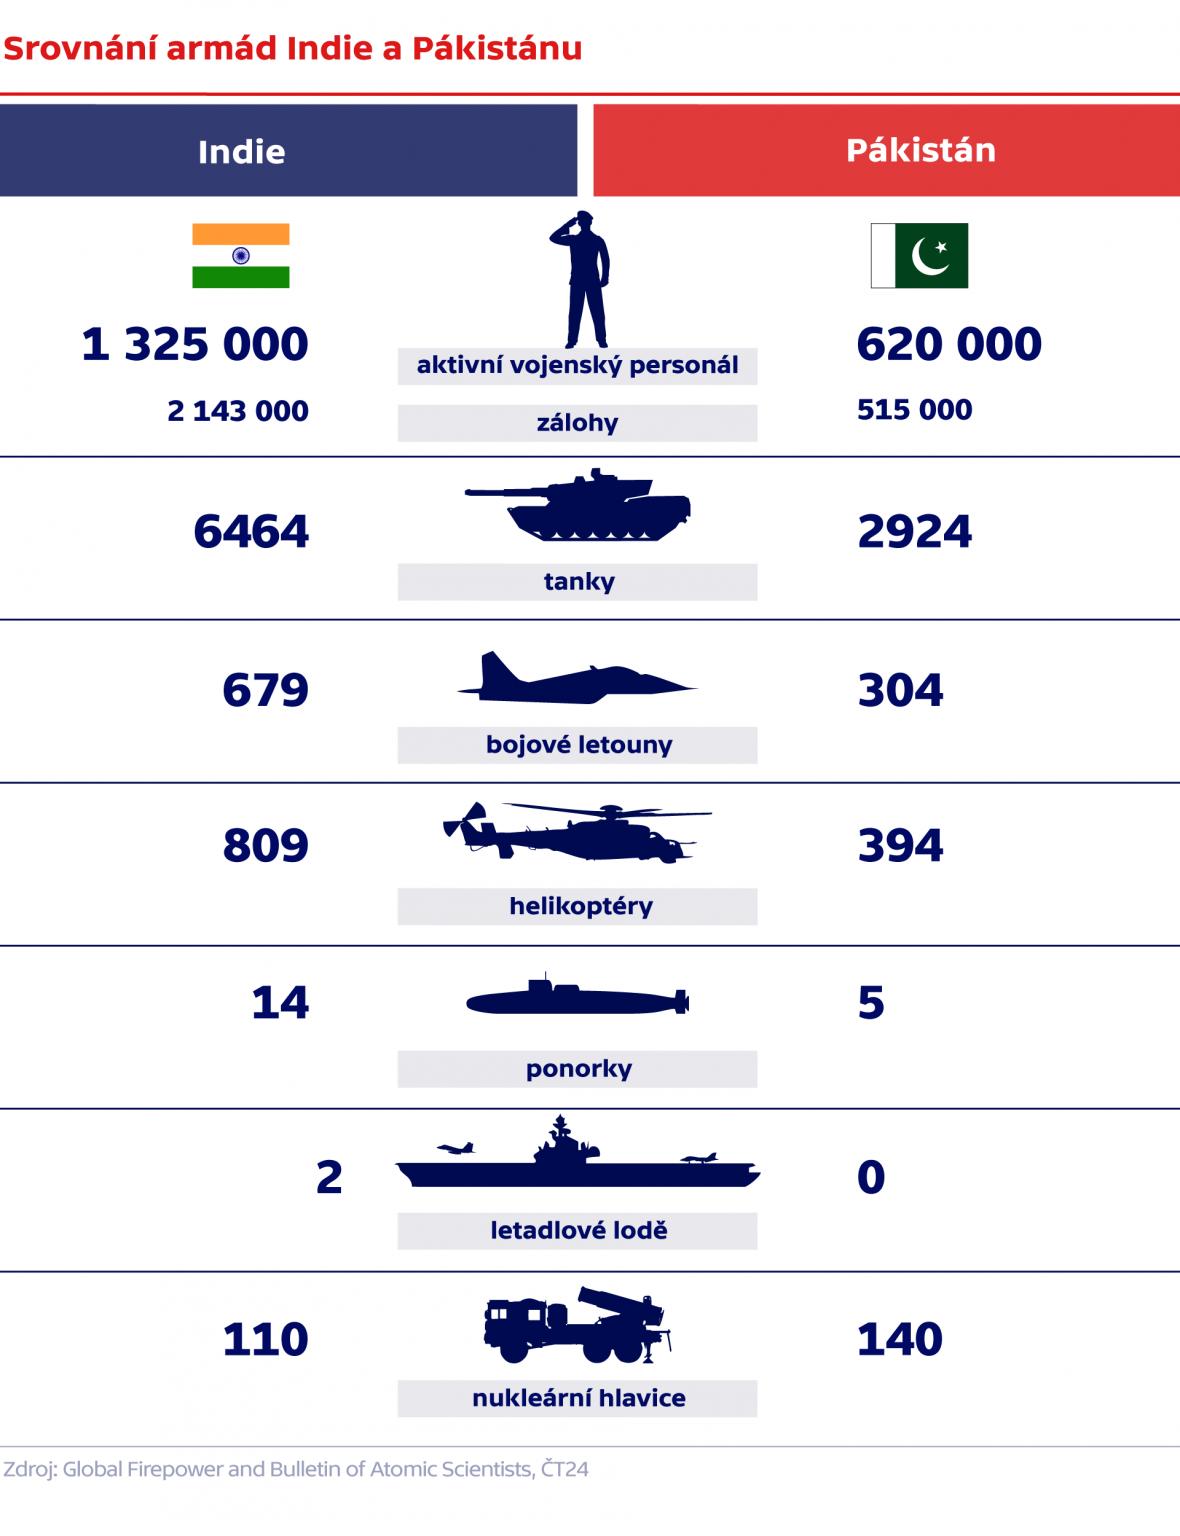 Srovnání armád Indie a Pákistánu